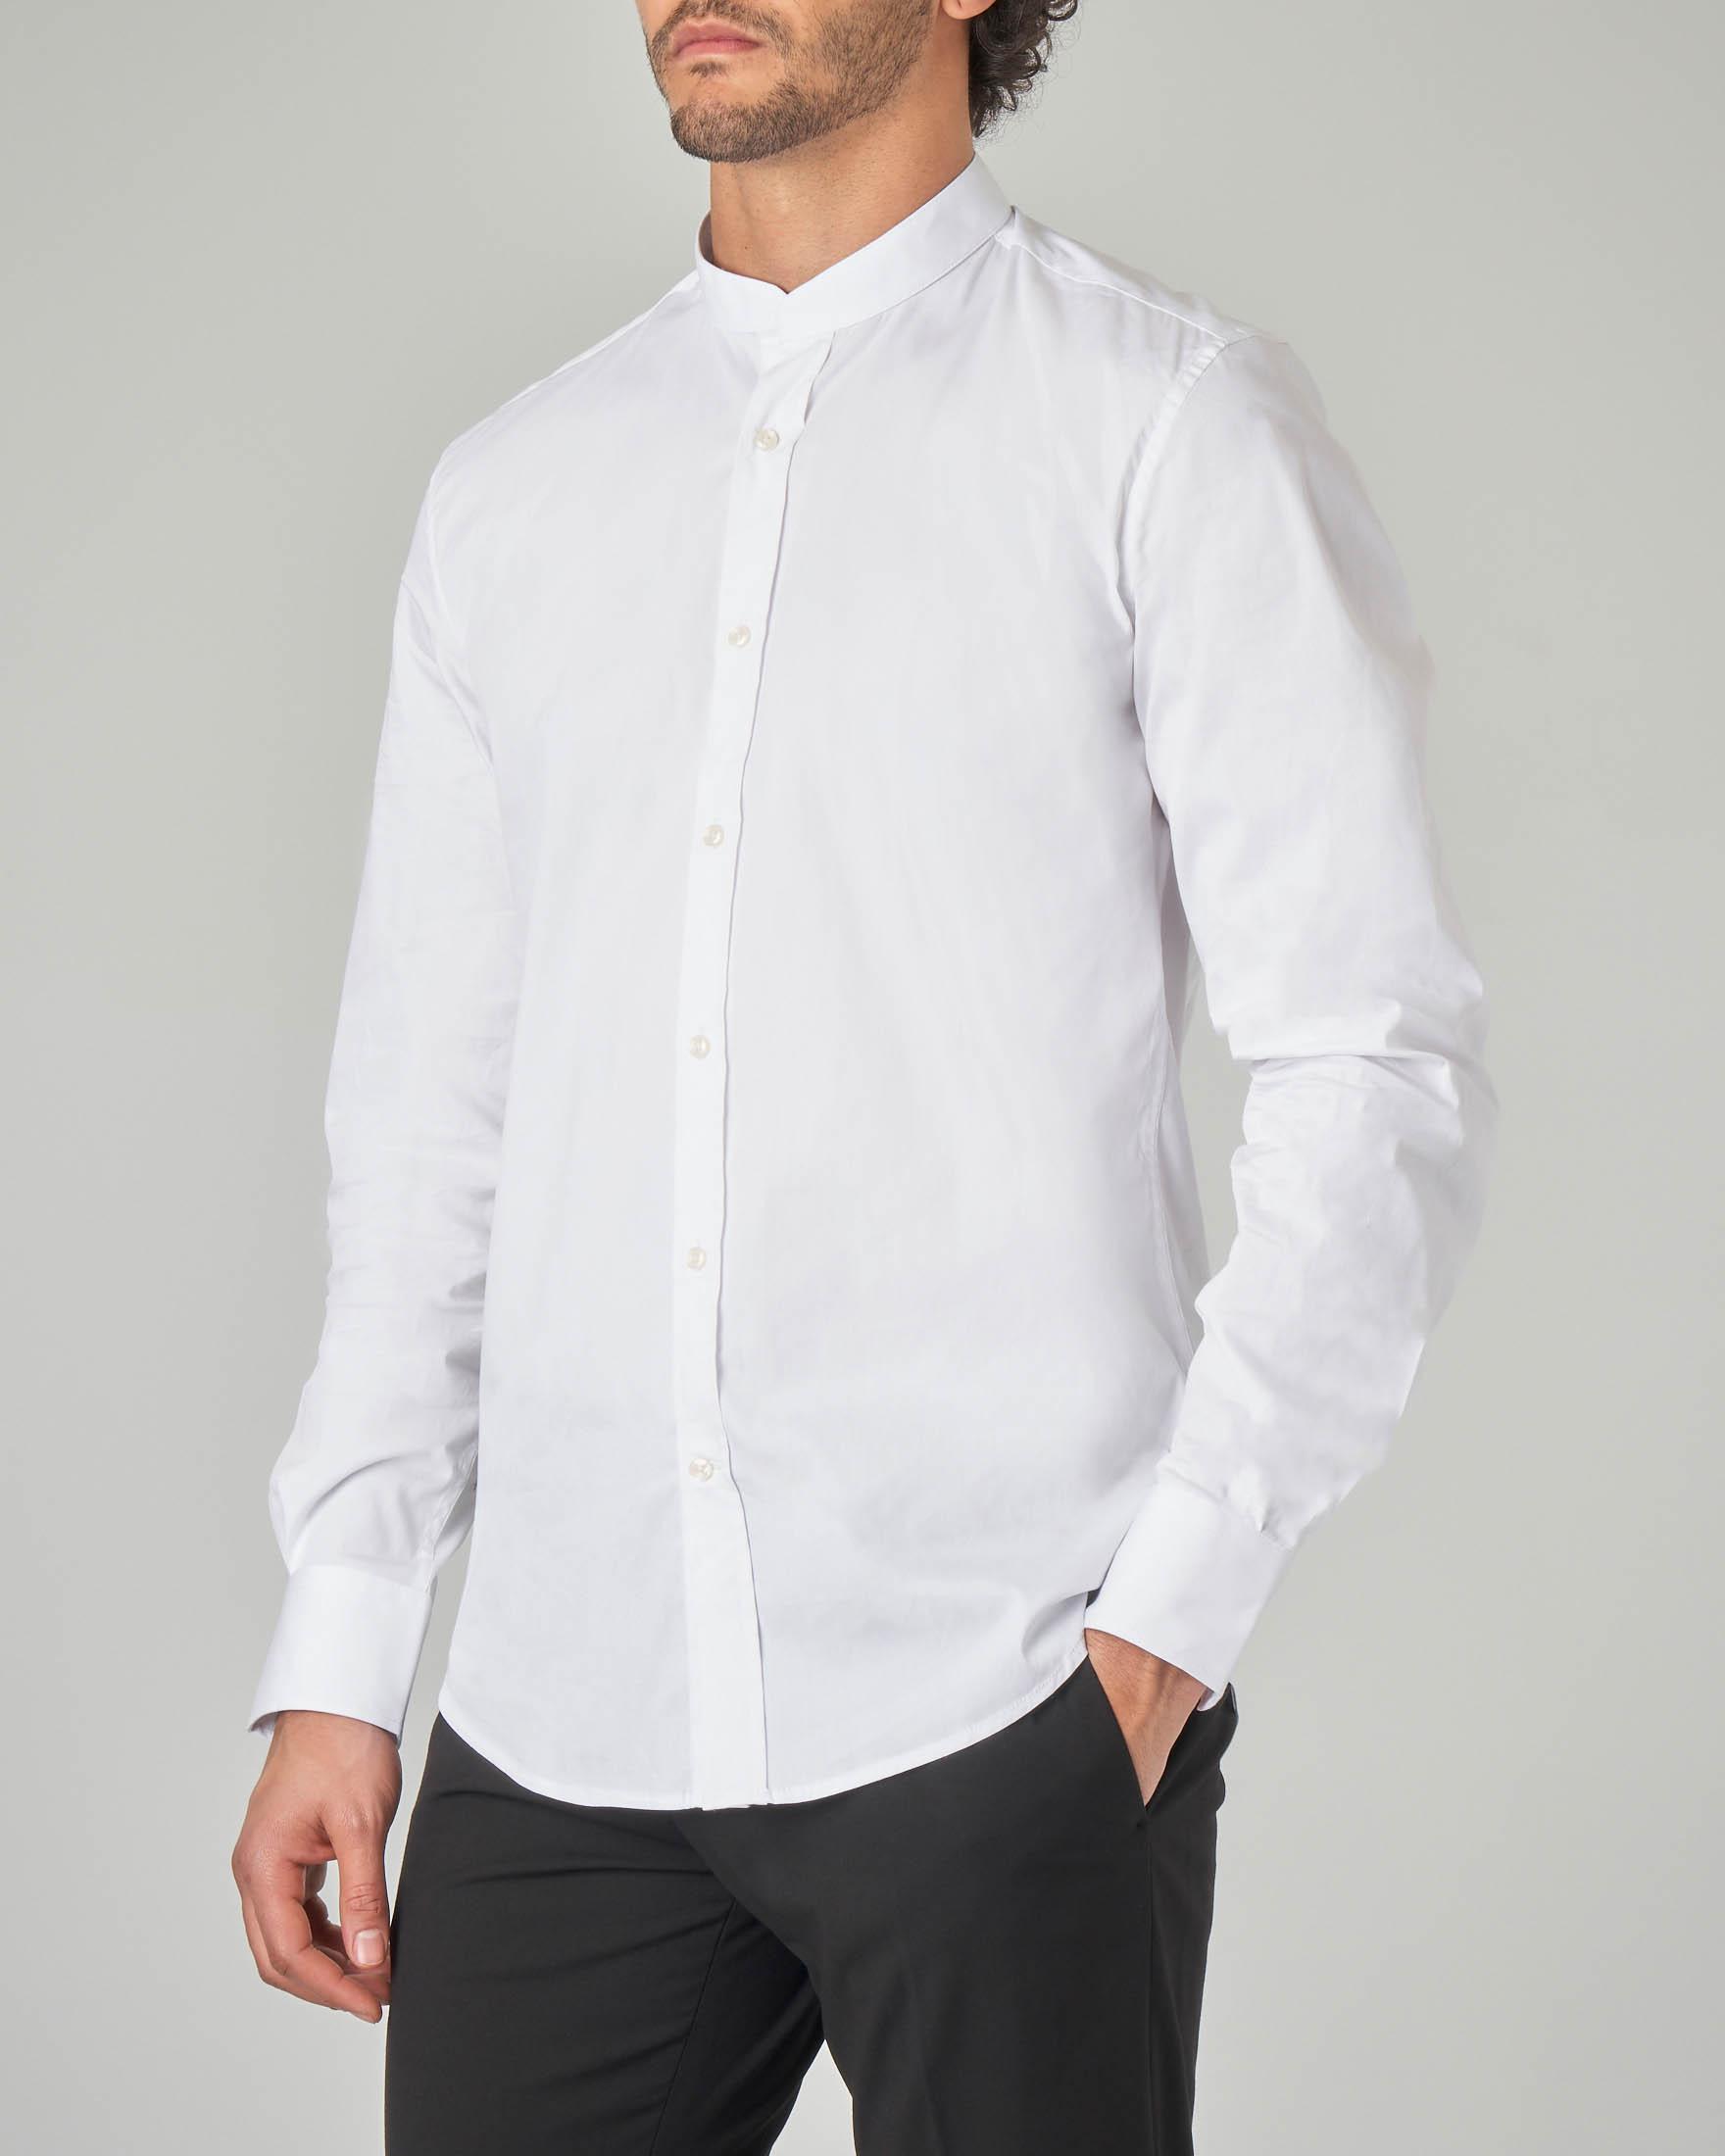 Camicia bianca con collo alla coreana